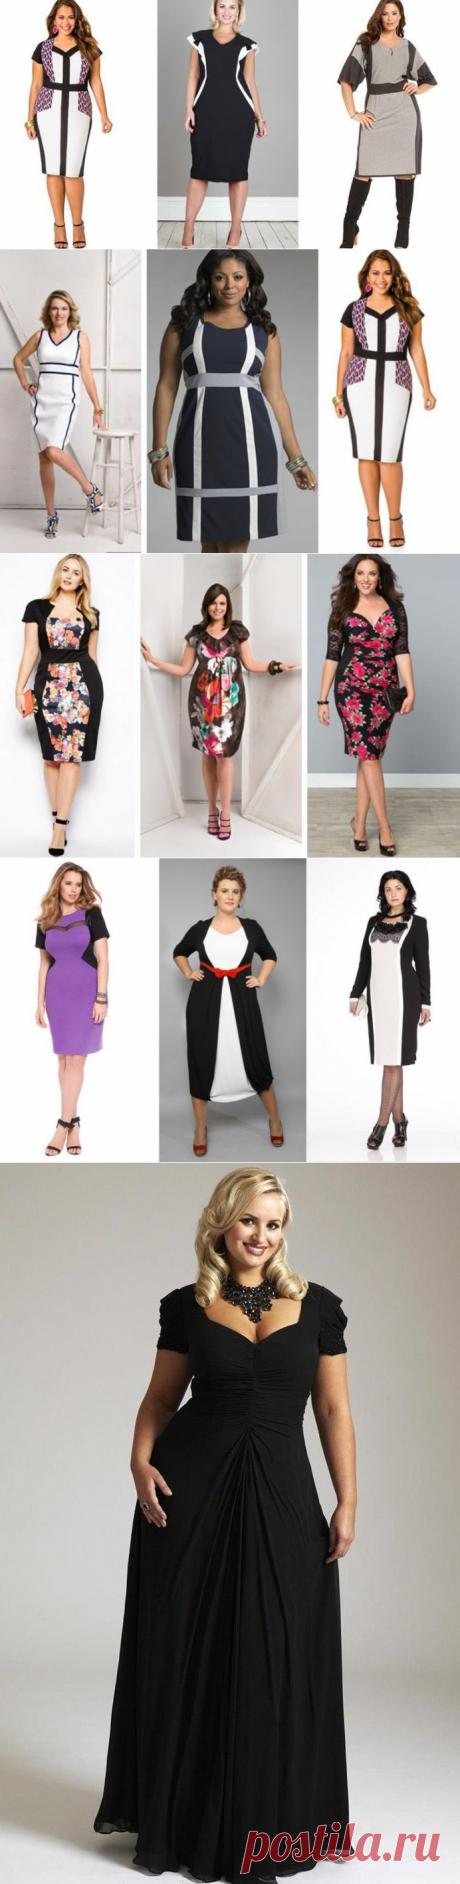 Как выбрать платье полной красавице / Все для женщины